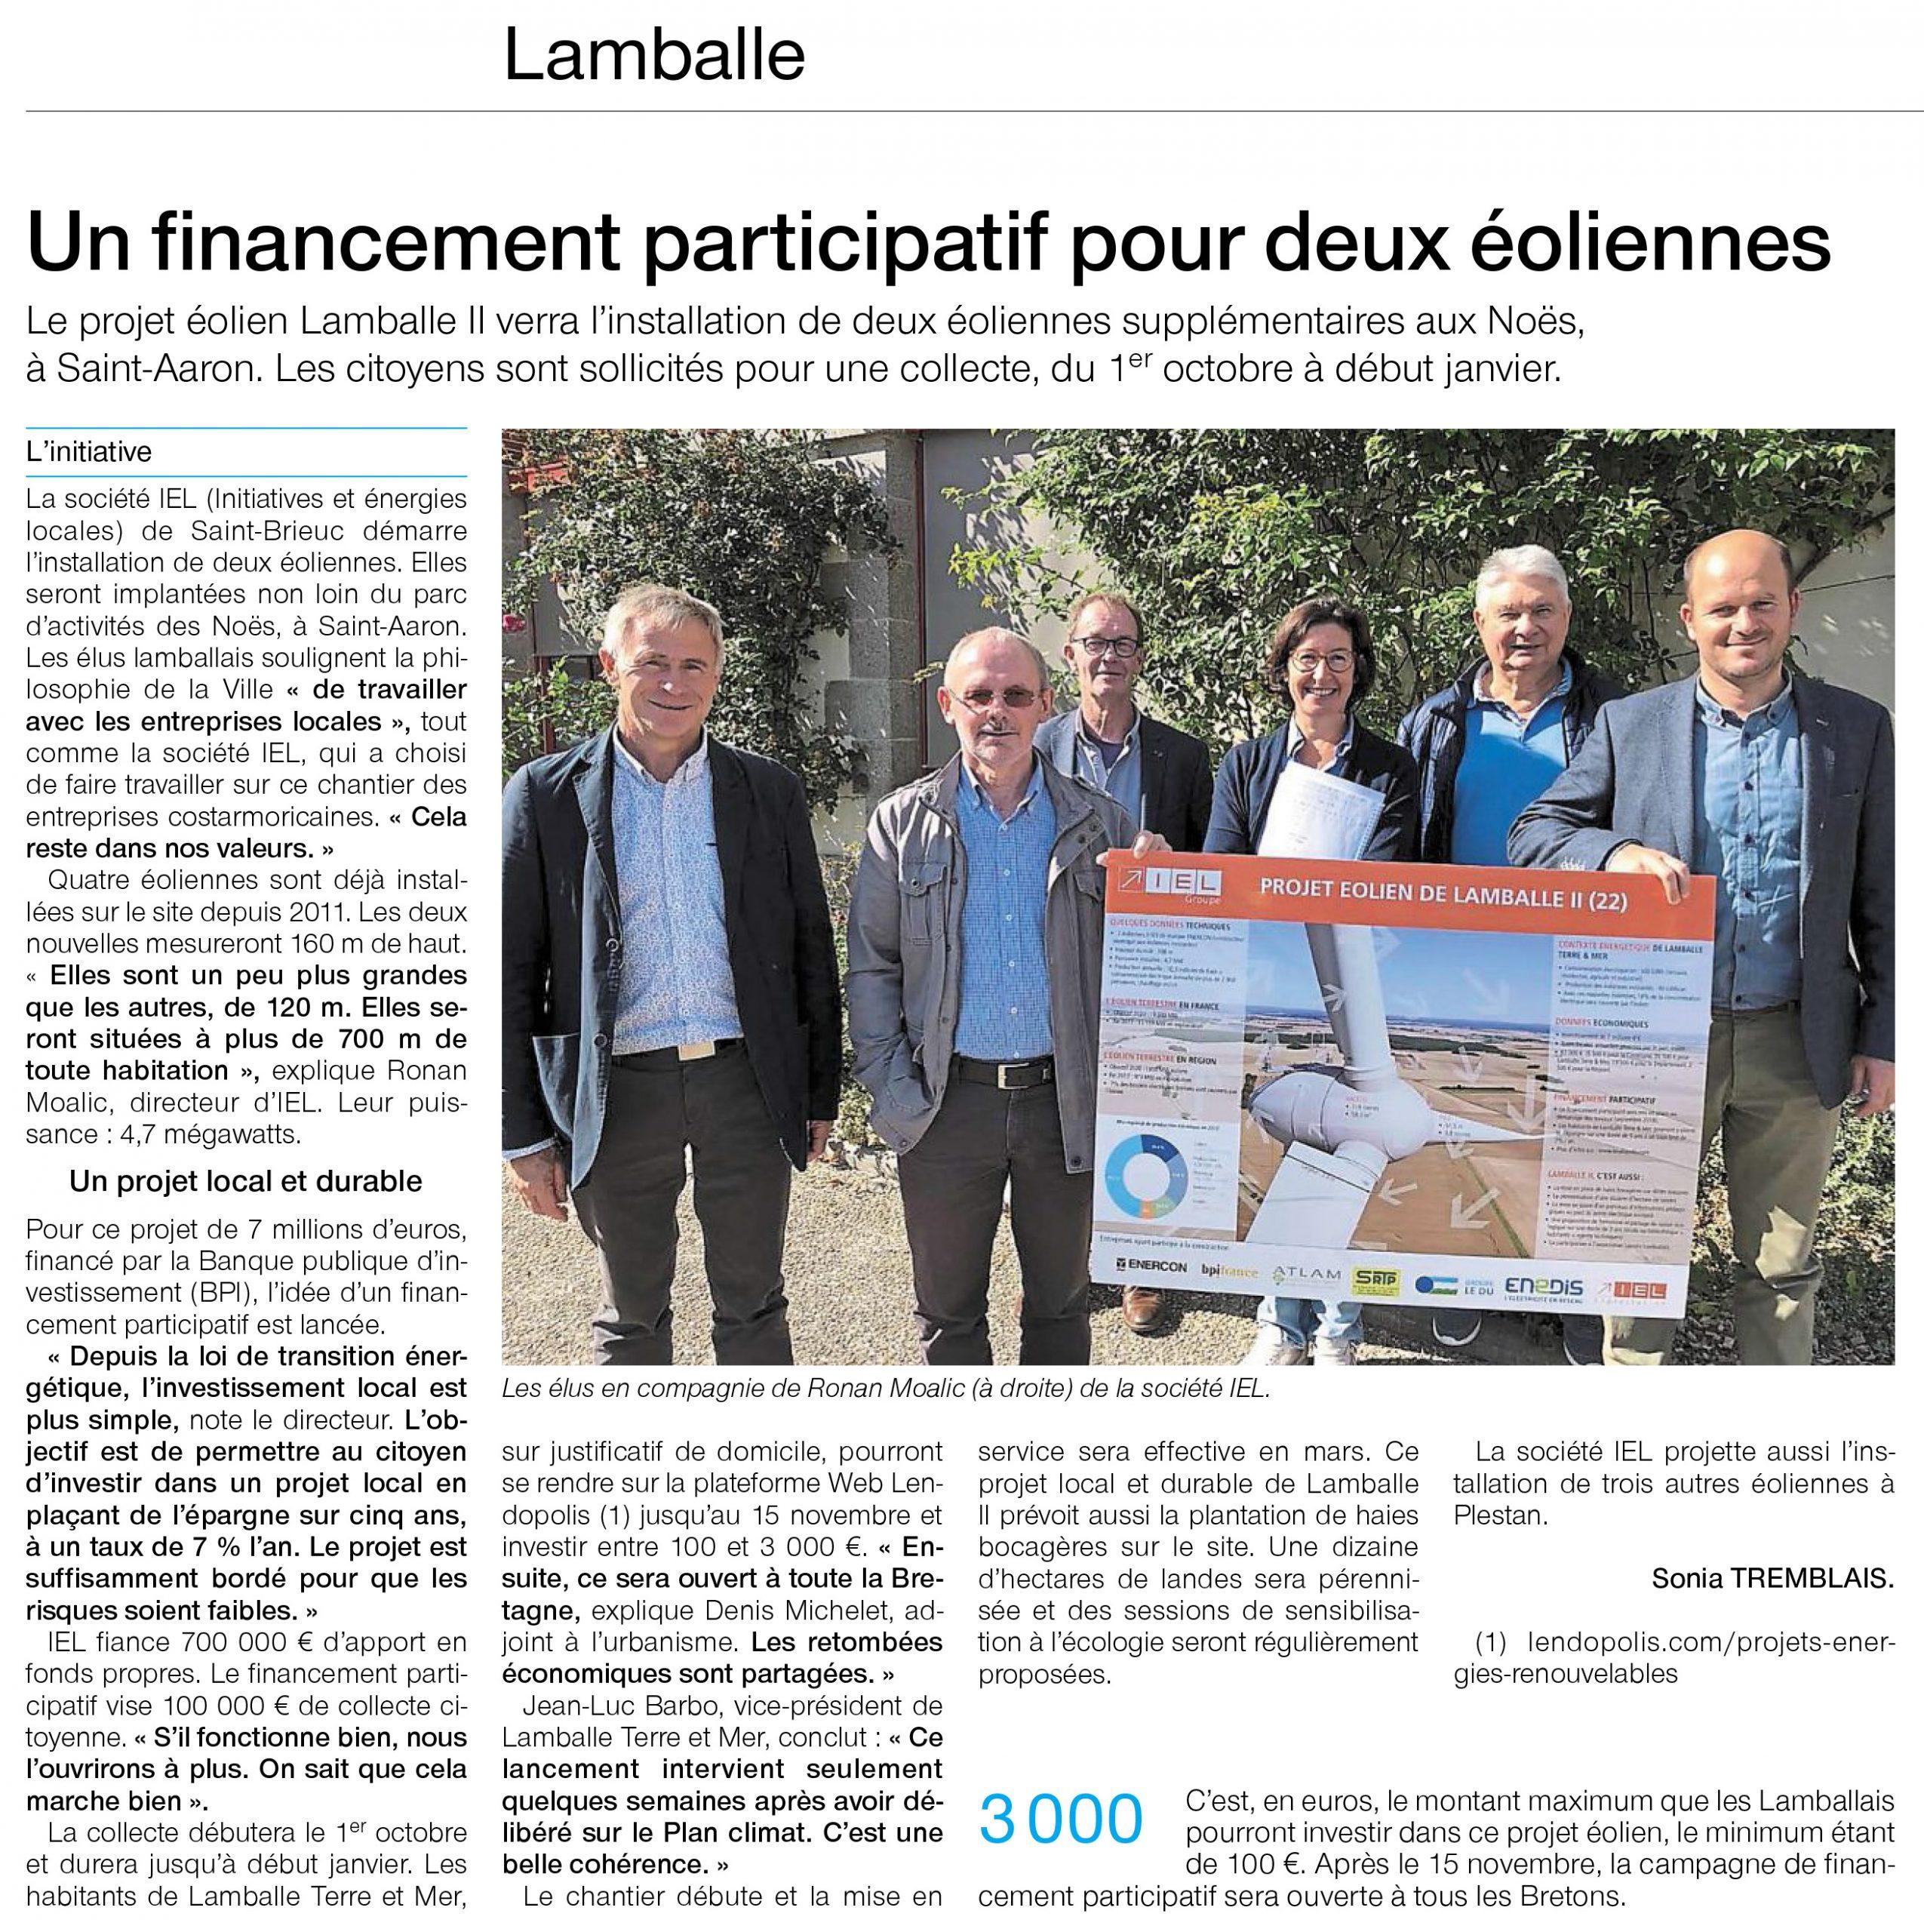 article de presse sur l'investissement participatif pour un projet éolien mené à Lamballe par IEL